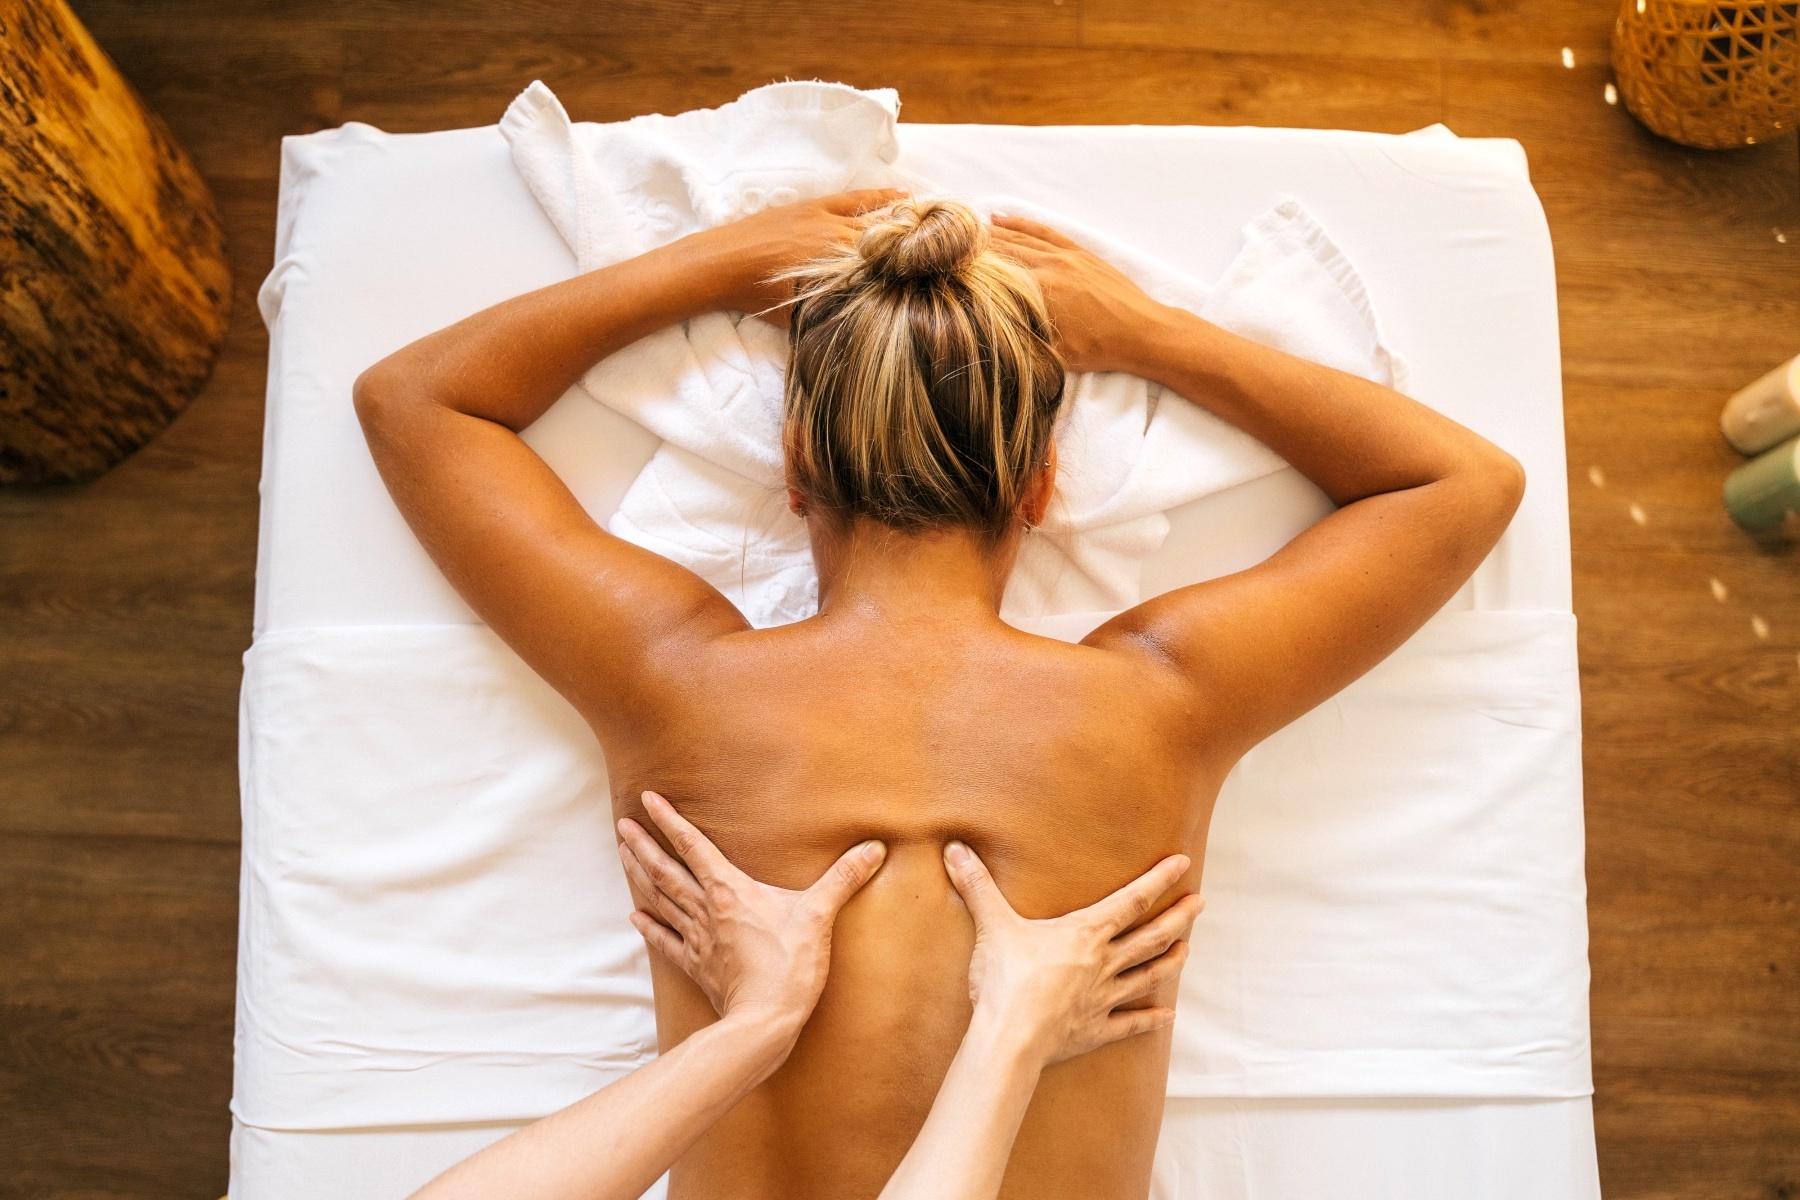 【台北SPA推薦】芳療師為你放鬆疲累身體,6間質感台北SPA按摩會館整理